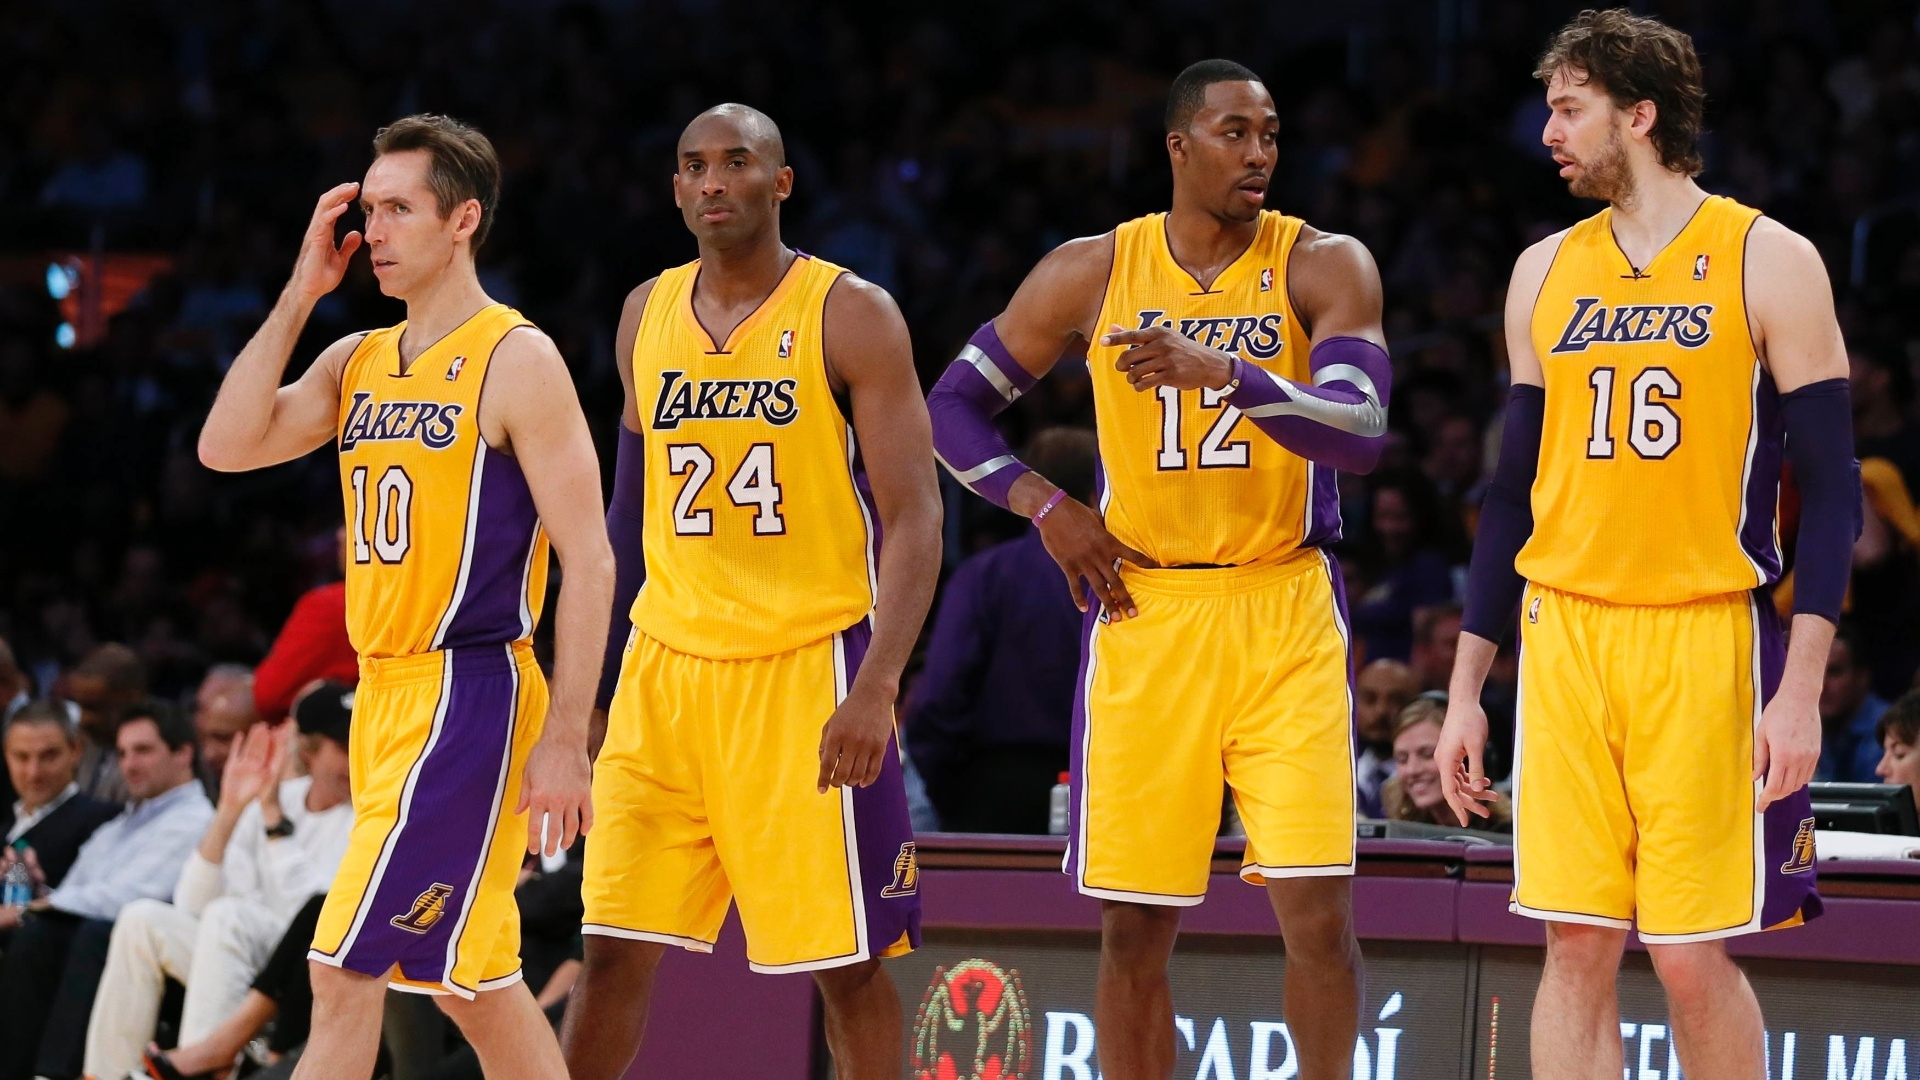 1874b007e297c Lakers pedem tempo para brilhar e minimizam nona derrota seguida com   super-time  - 31 10 2012 - UOL Esporte